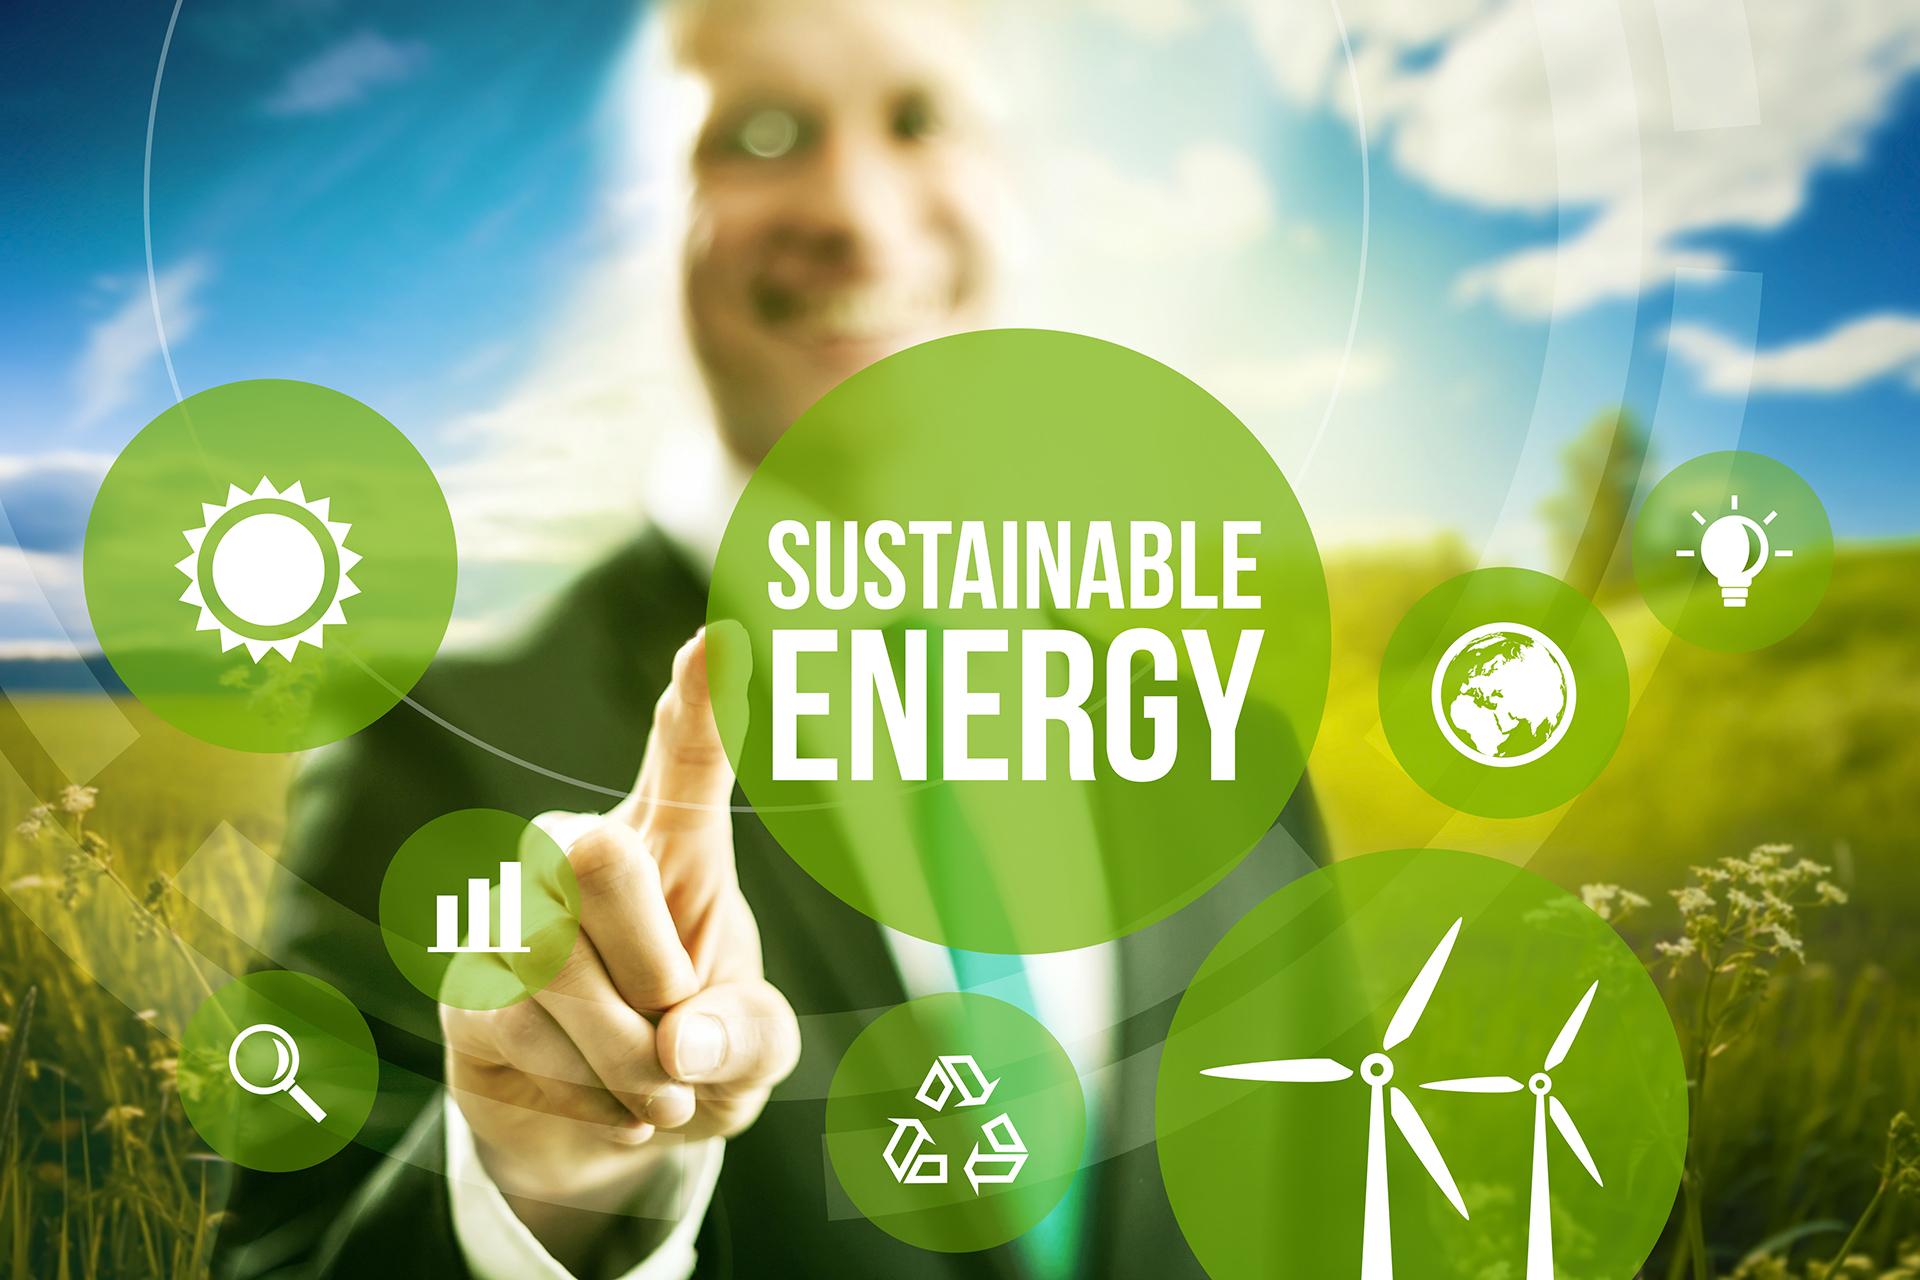 Energiebewust wonen: één van onze stokpaardjes